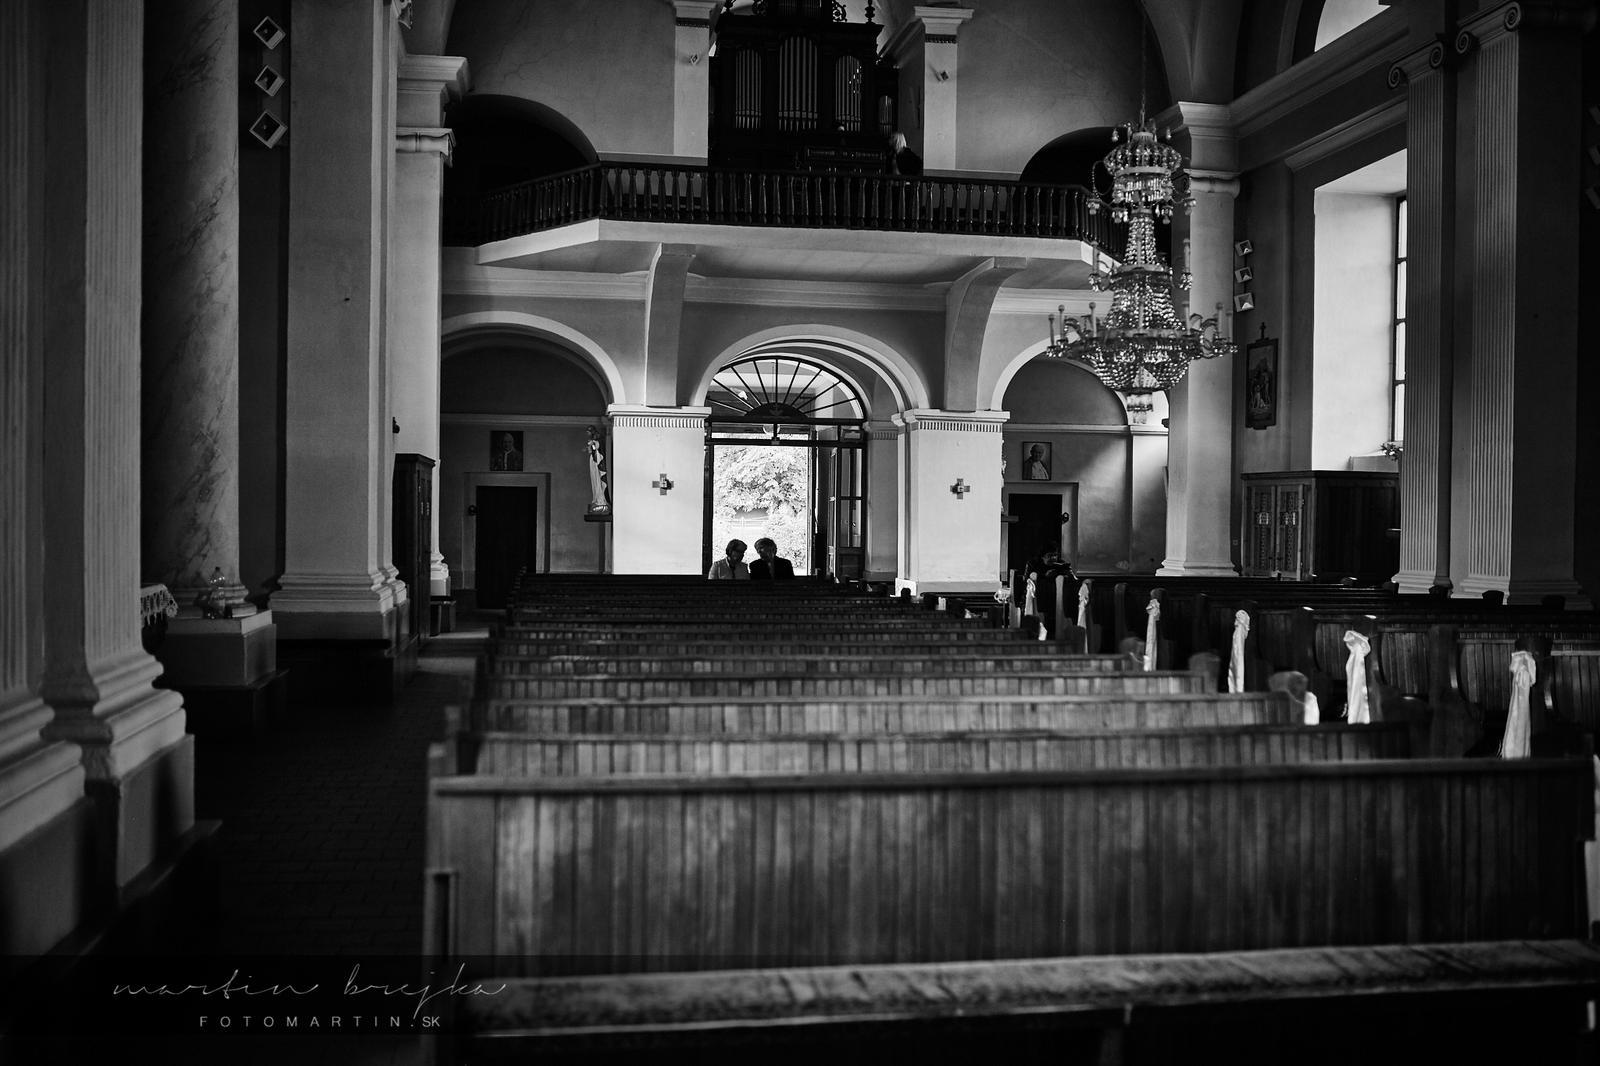 Zuzka&robo kostol - Obrázok č. 2